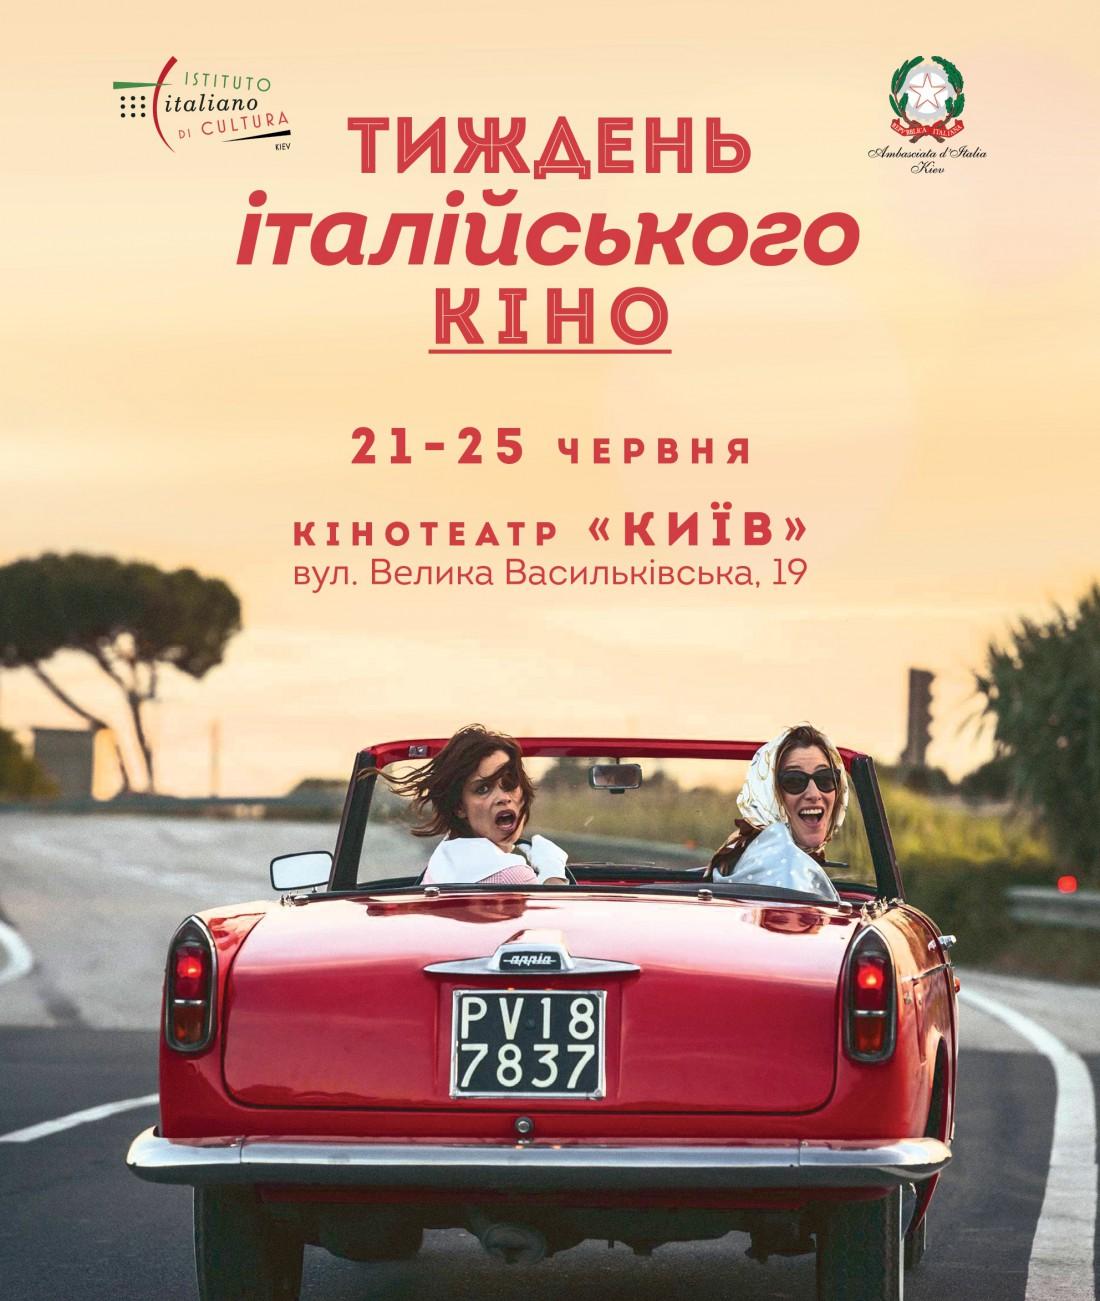 Неделя итальянского кино 2017